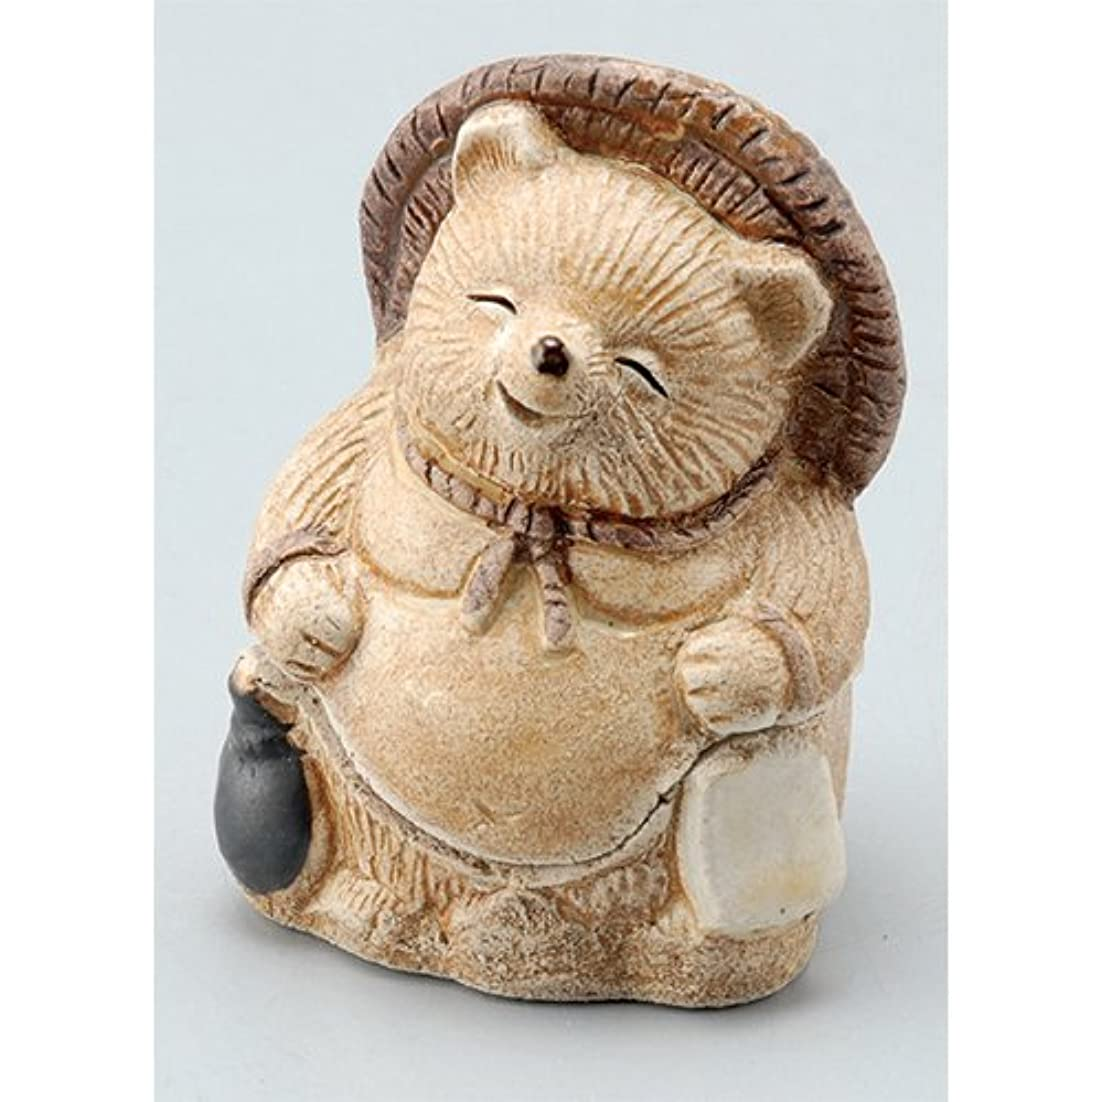 おもちゃ財政分解する香炉 飾り香炉(福狸) [H7.5cm] HANDMADE プレゼント ギフト 和食器 かわいい インテリア